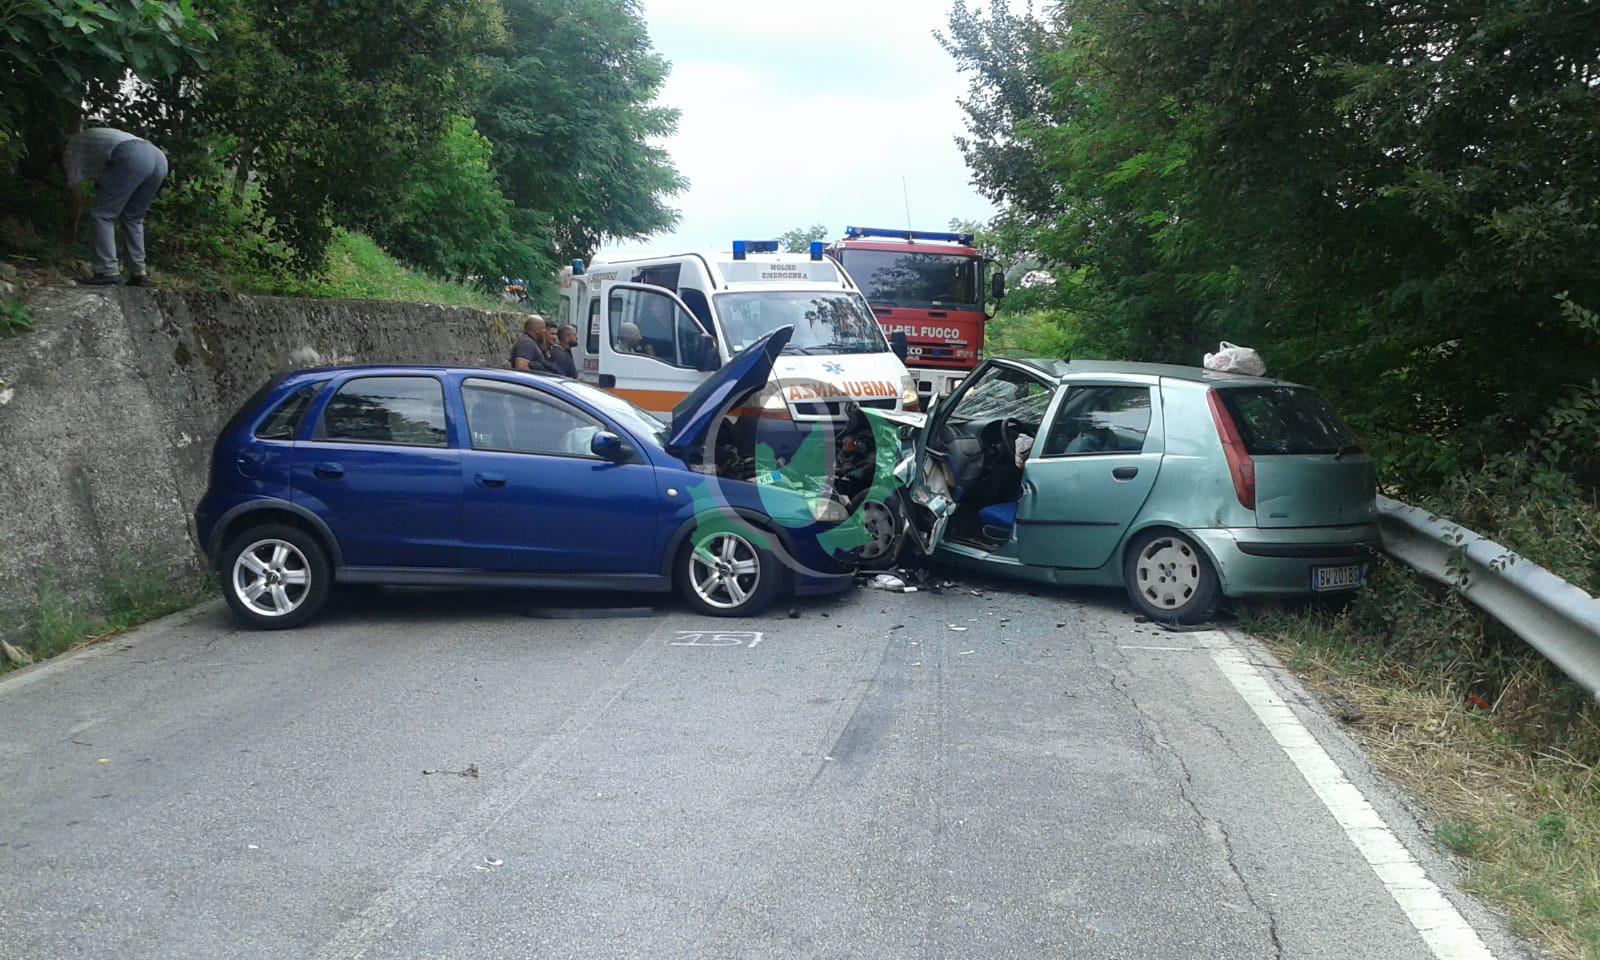 Incidente tra auto lungo la gildonese: due feriti, uno è grave